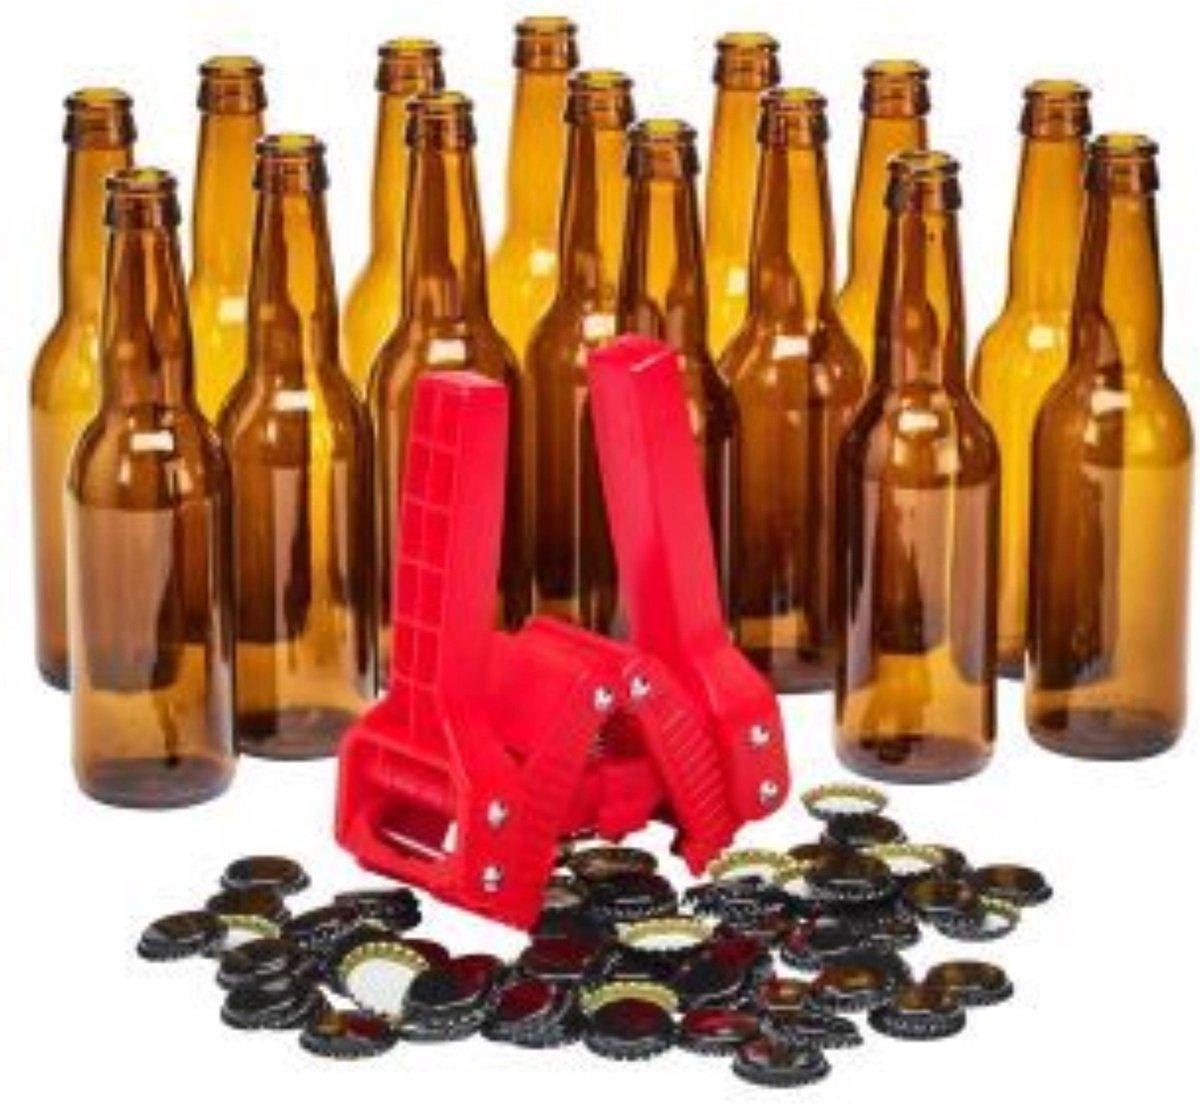 Brew Monkey Bottelset met 15 flessen, kroonkurkapparaat en 30 kroonkurken - Zelf bier bottelen - Bie